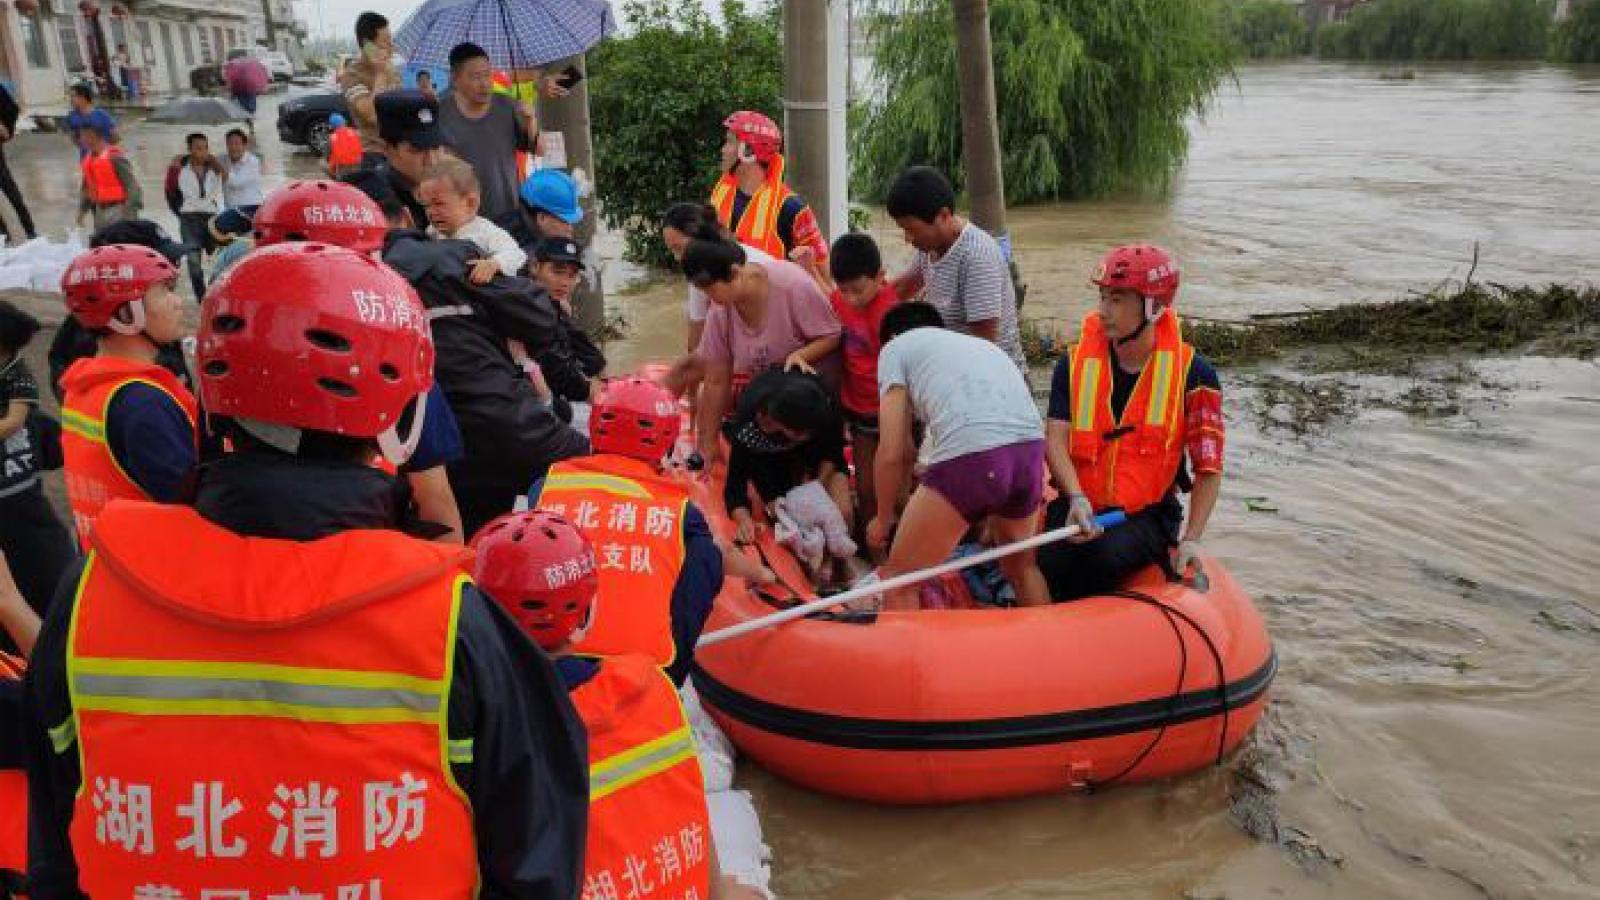 Trung Quốc hỗ trợ khẩn cấp 6 tỉnh thiệt hại nặng nề do mưa lũ kéo dài